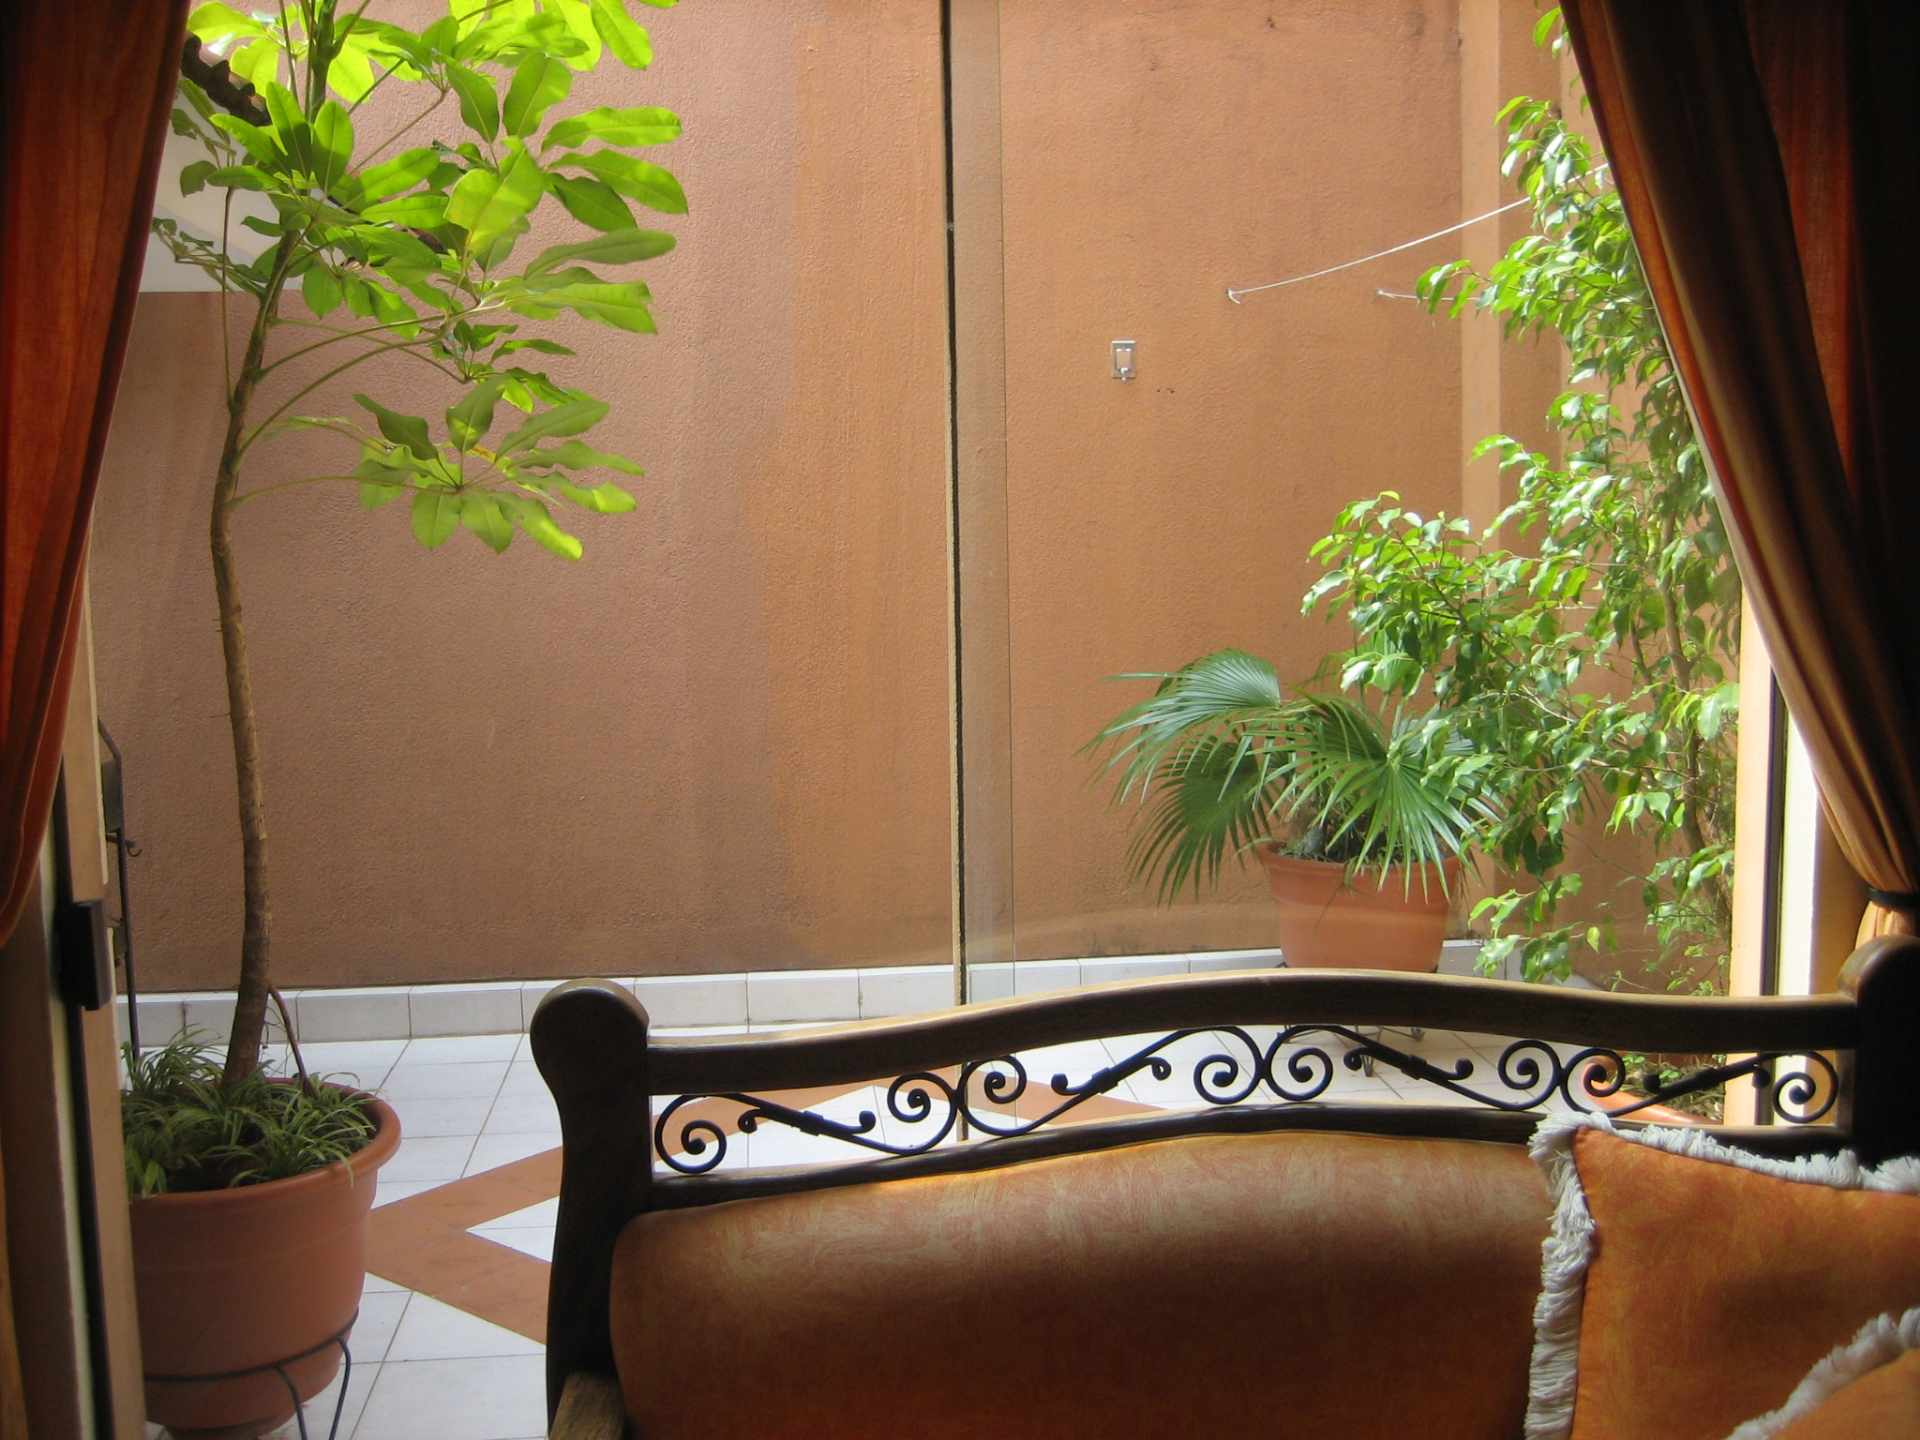 Departamento en Alquiler EN ALQUILER DPTO DE 2 DORM - Buganvillas Suits & Spa - Roca y Coronado  Foto 11